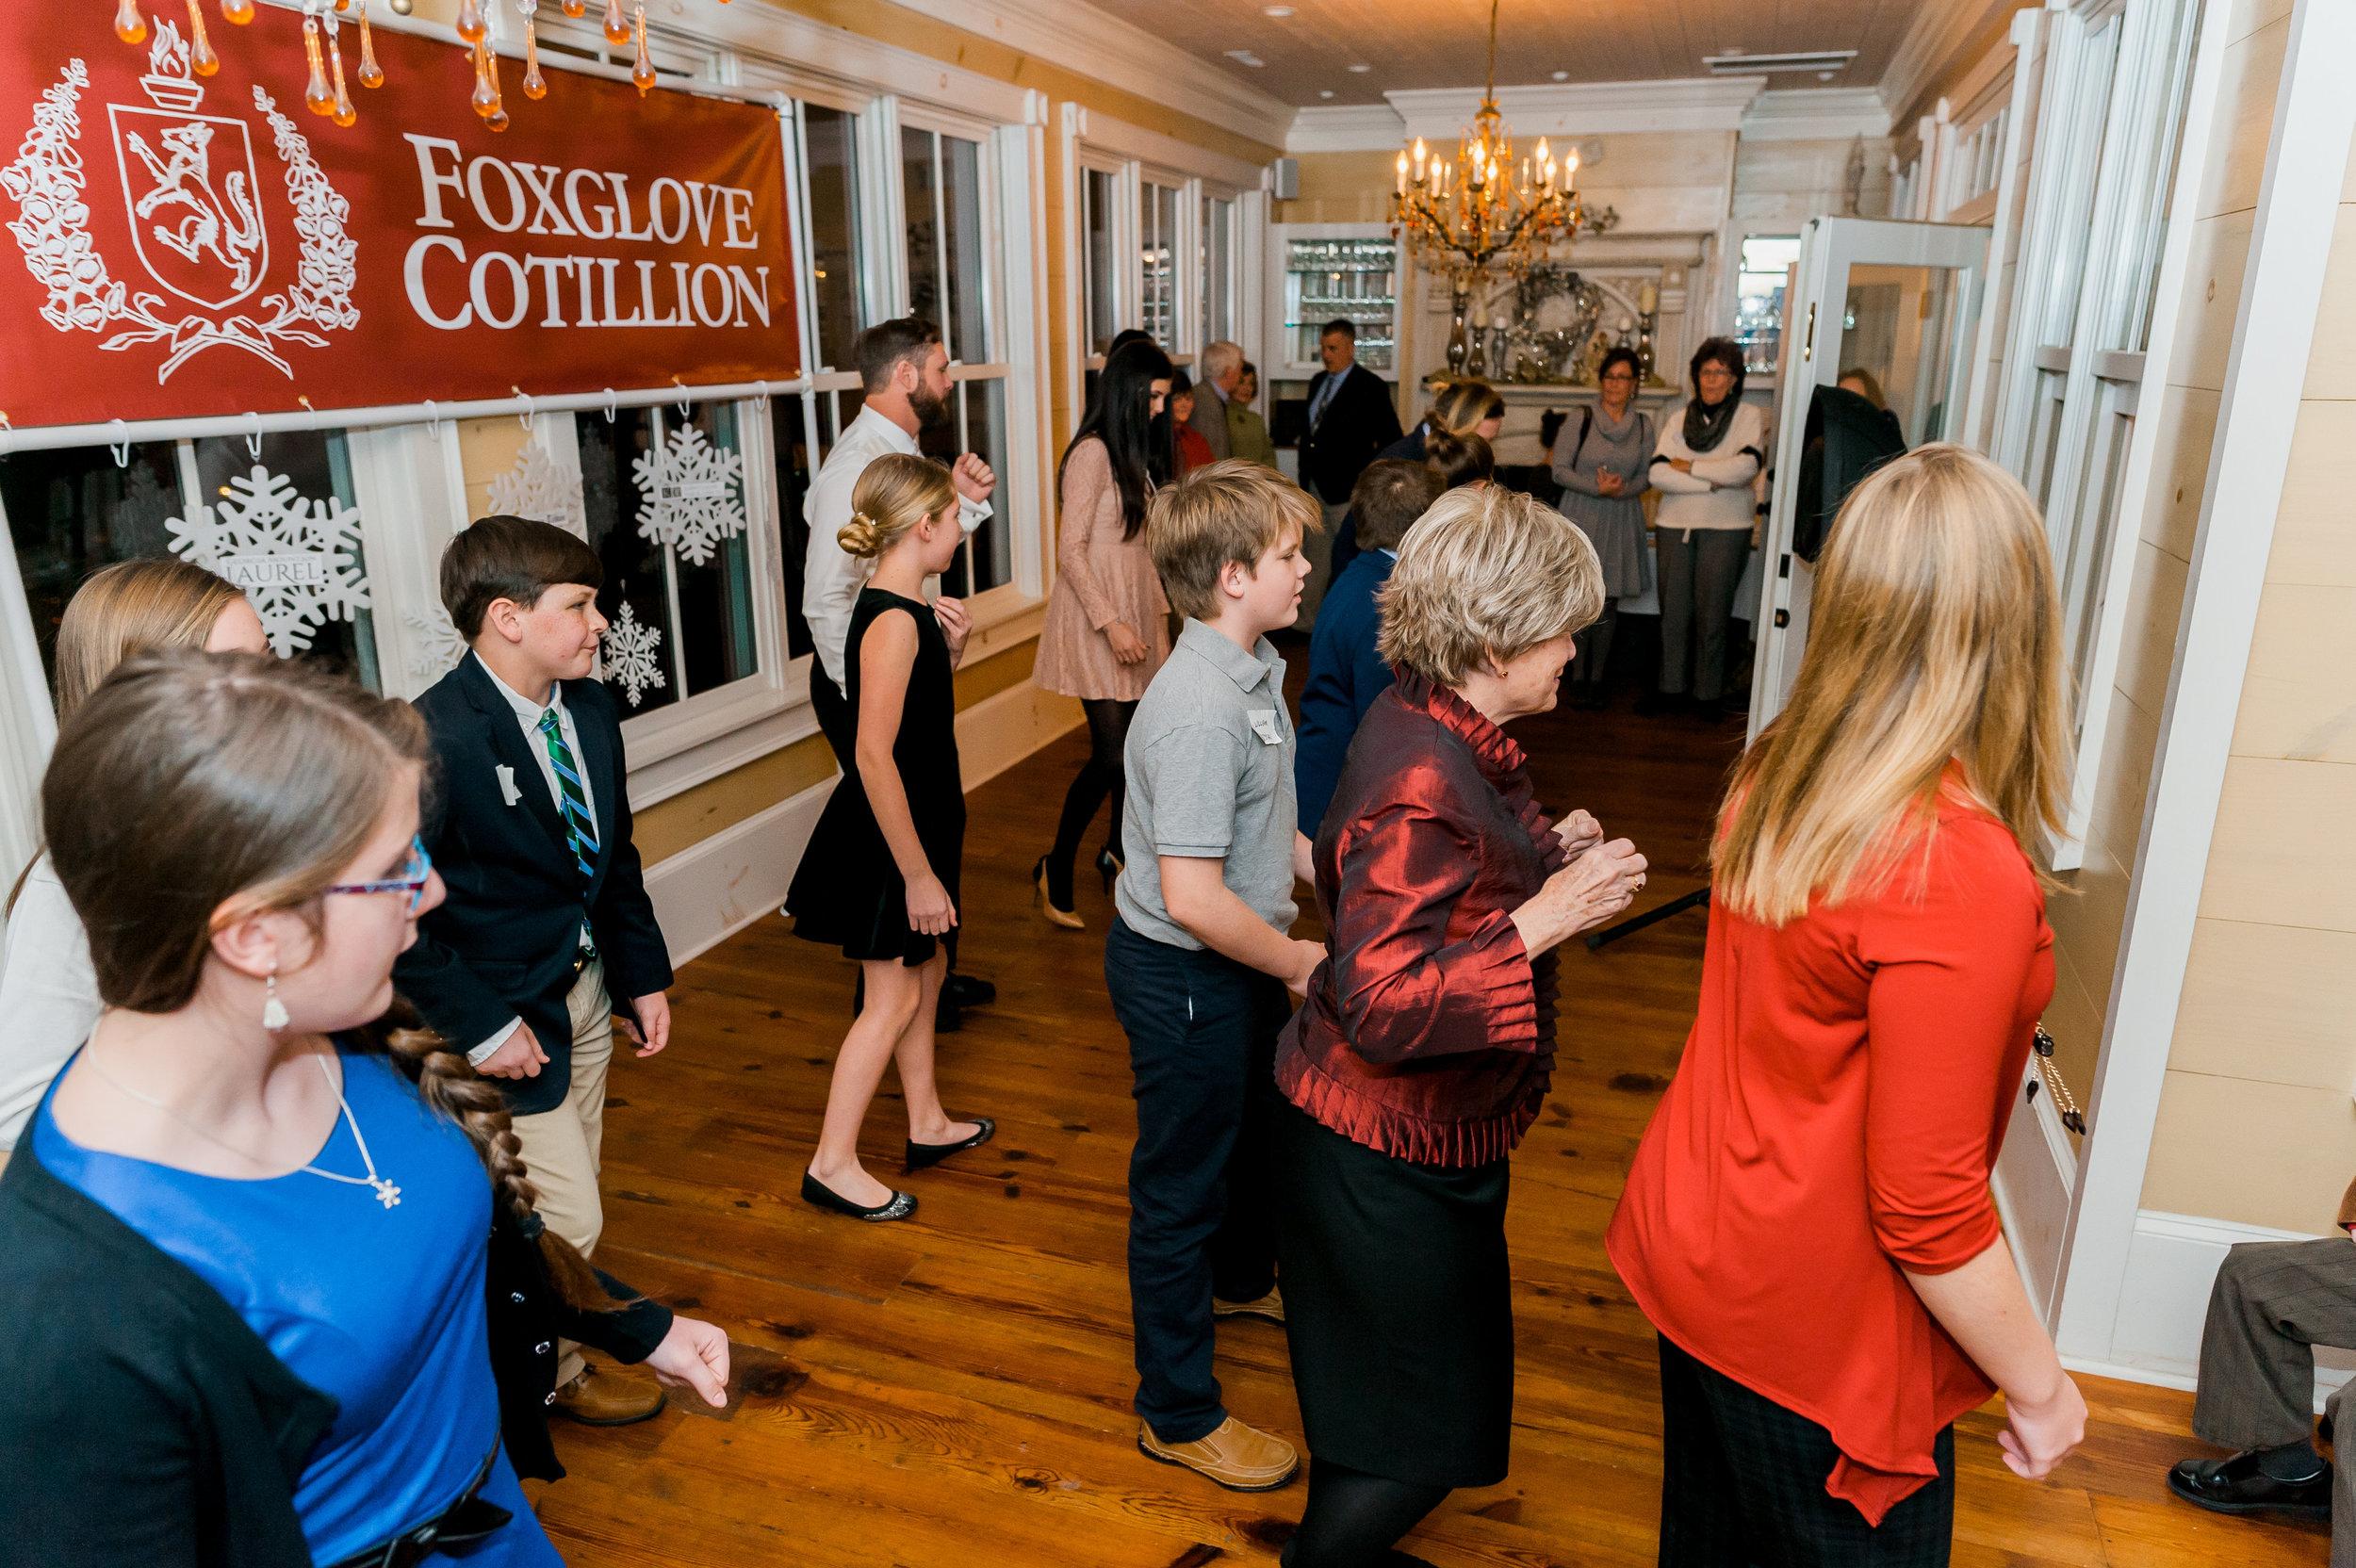 Foxglove Cotillion  Gallery-0086.jpg